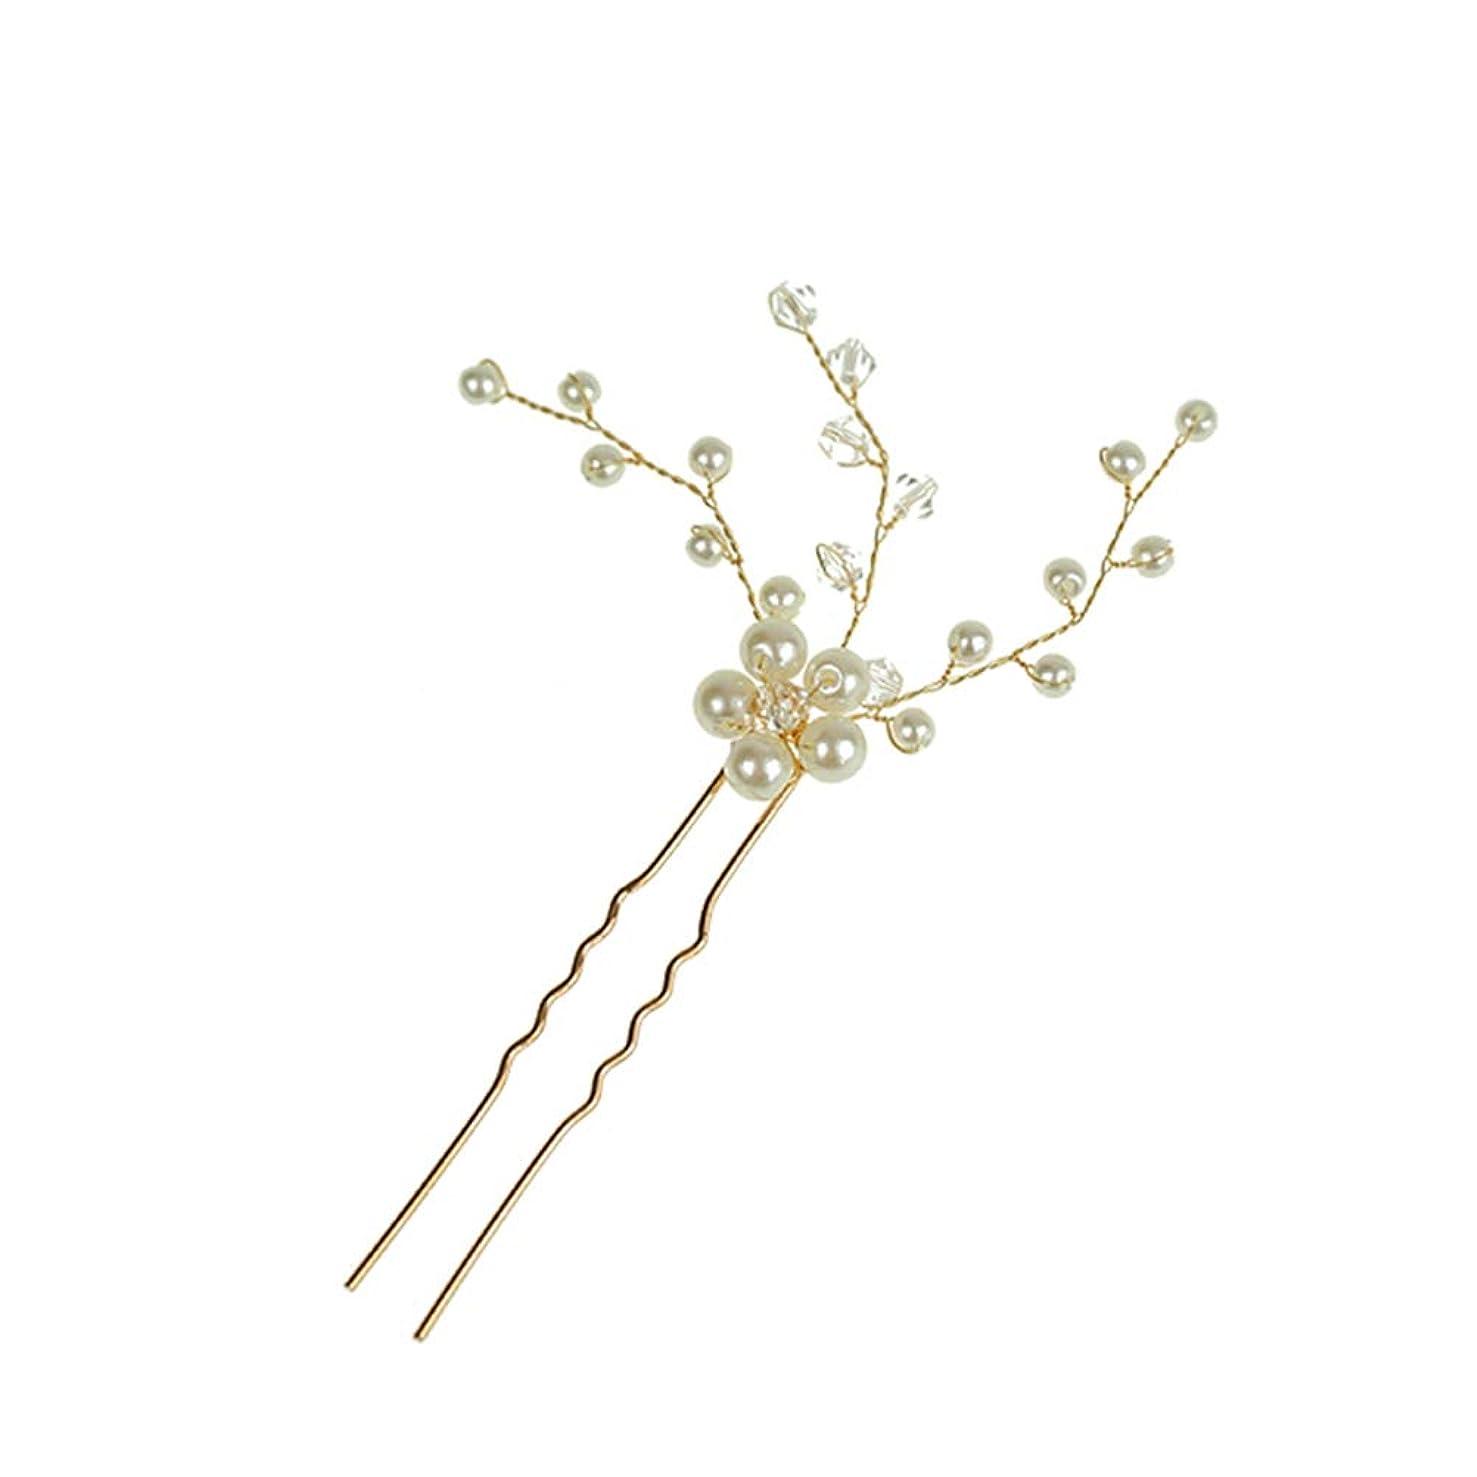 穿孔するまだら宿題LURROSE ブライダルクリアパールヘアピンクリップ装飾結婚式の花用女性フラワーヘアピンヘッドドレスブライダルアクセサリー